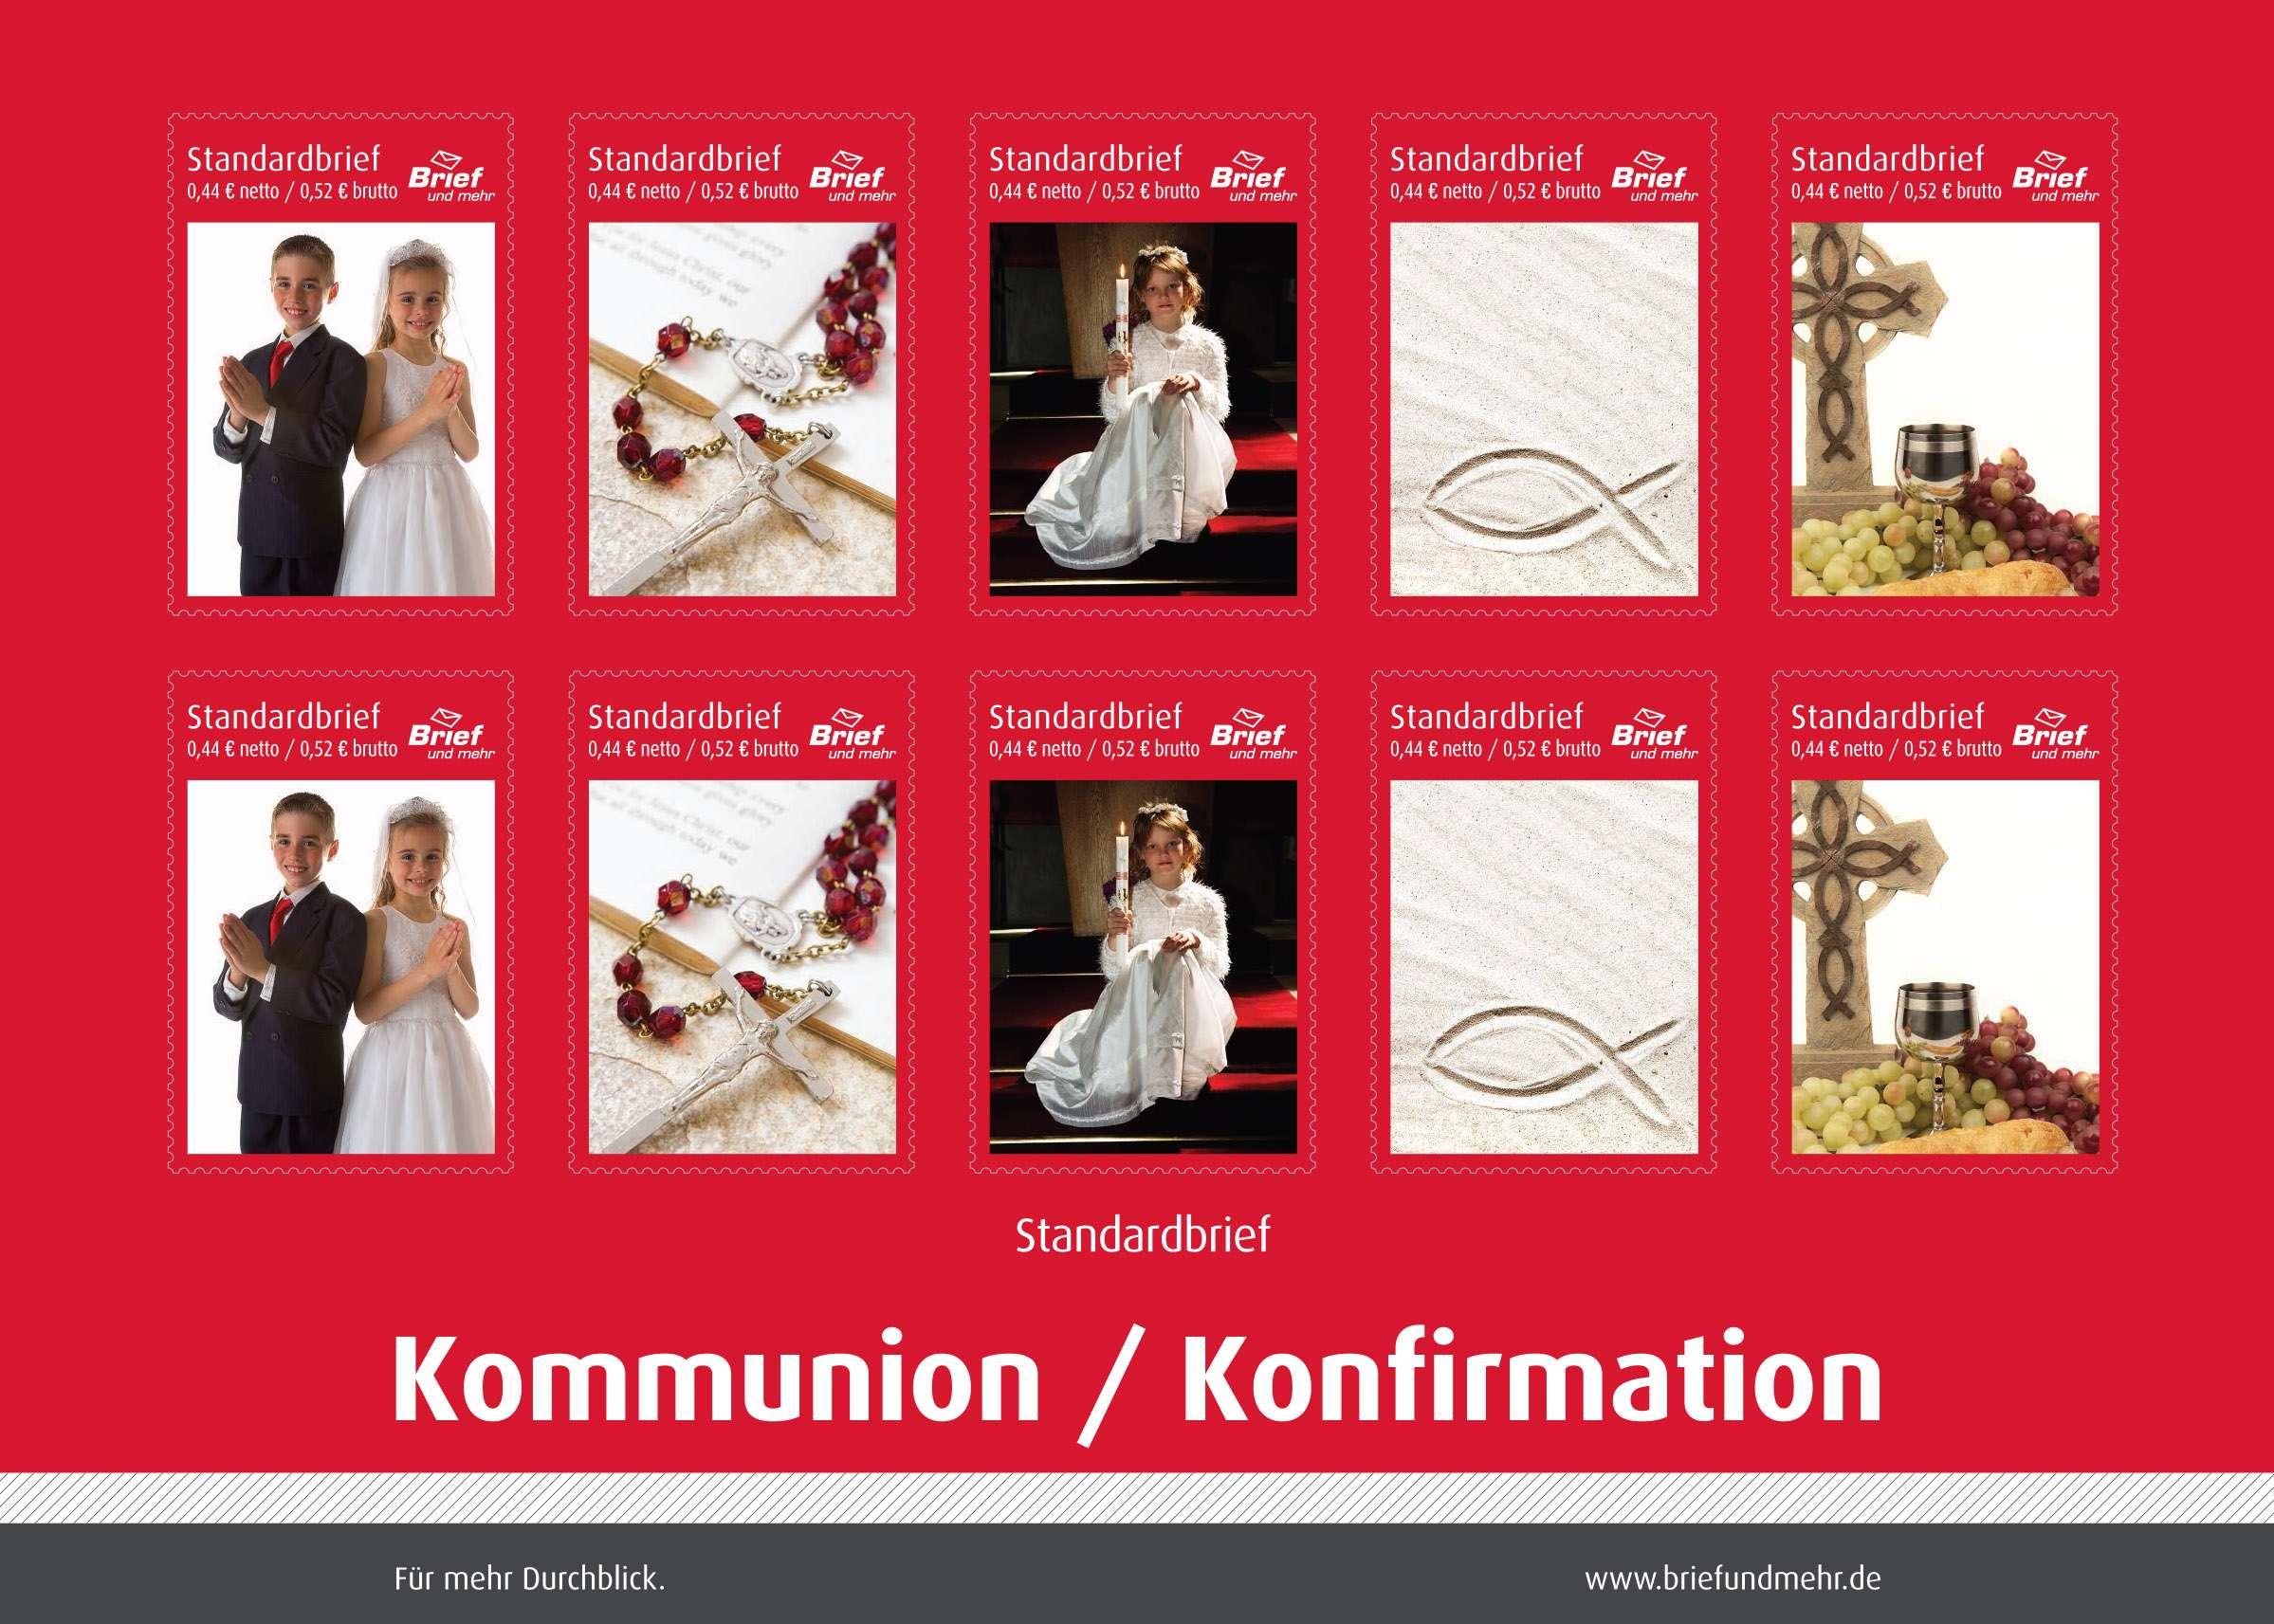 Kommunionkonfirmation Standardbrief Sammelmarken